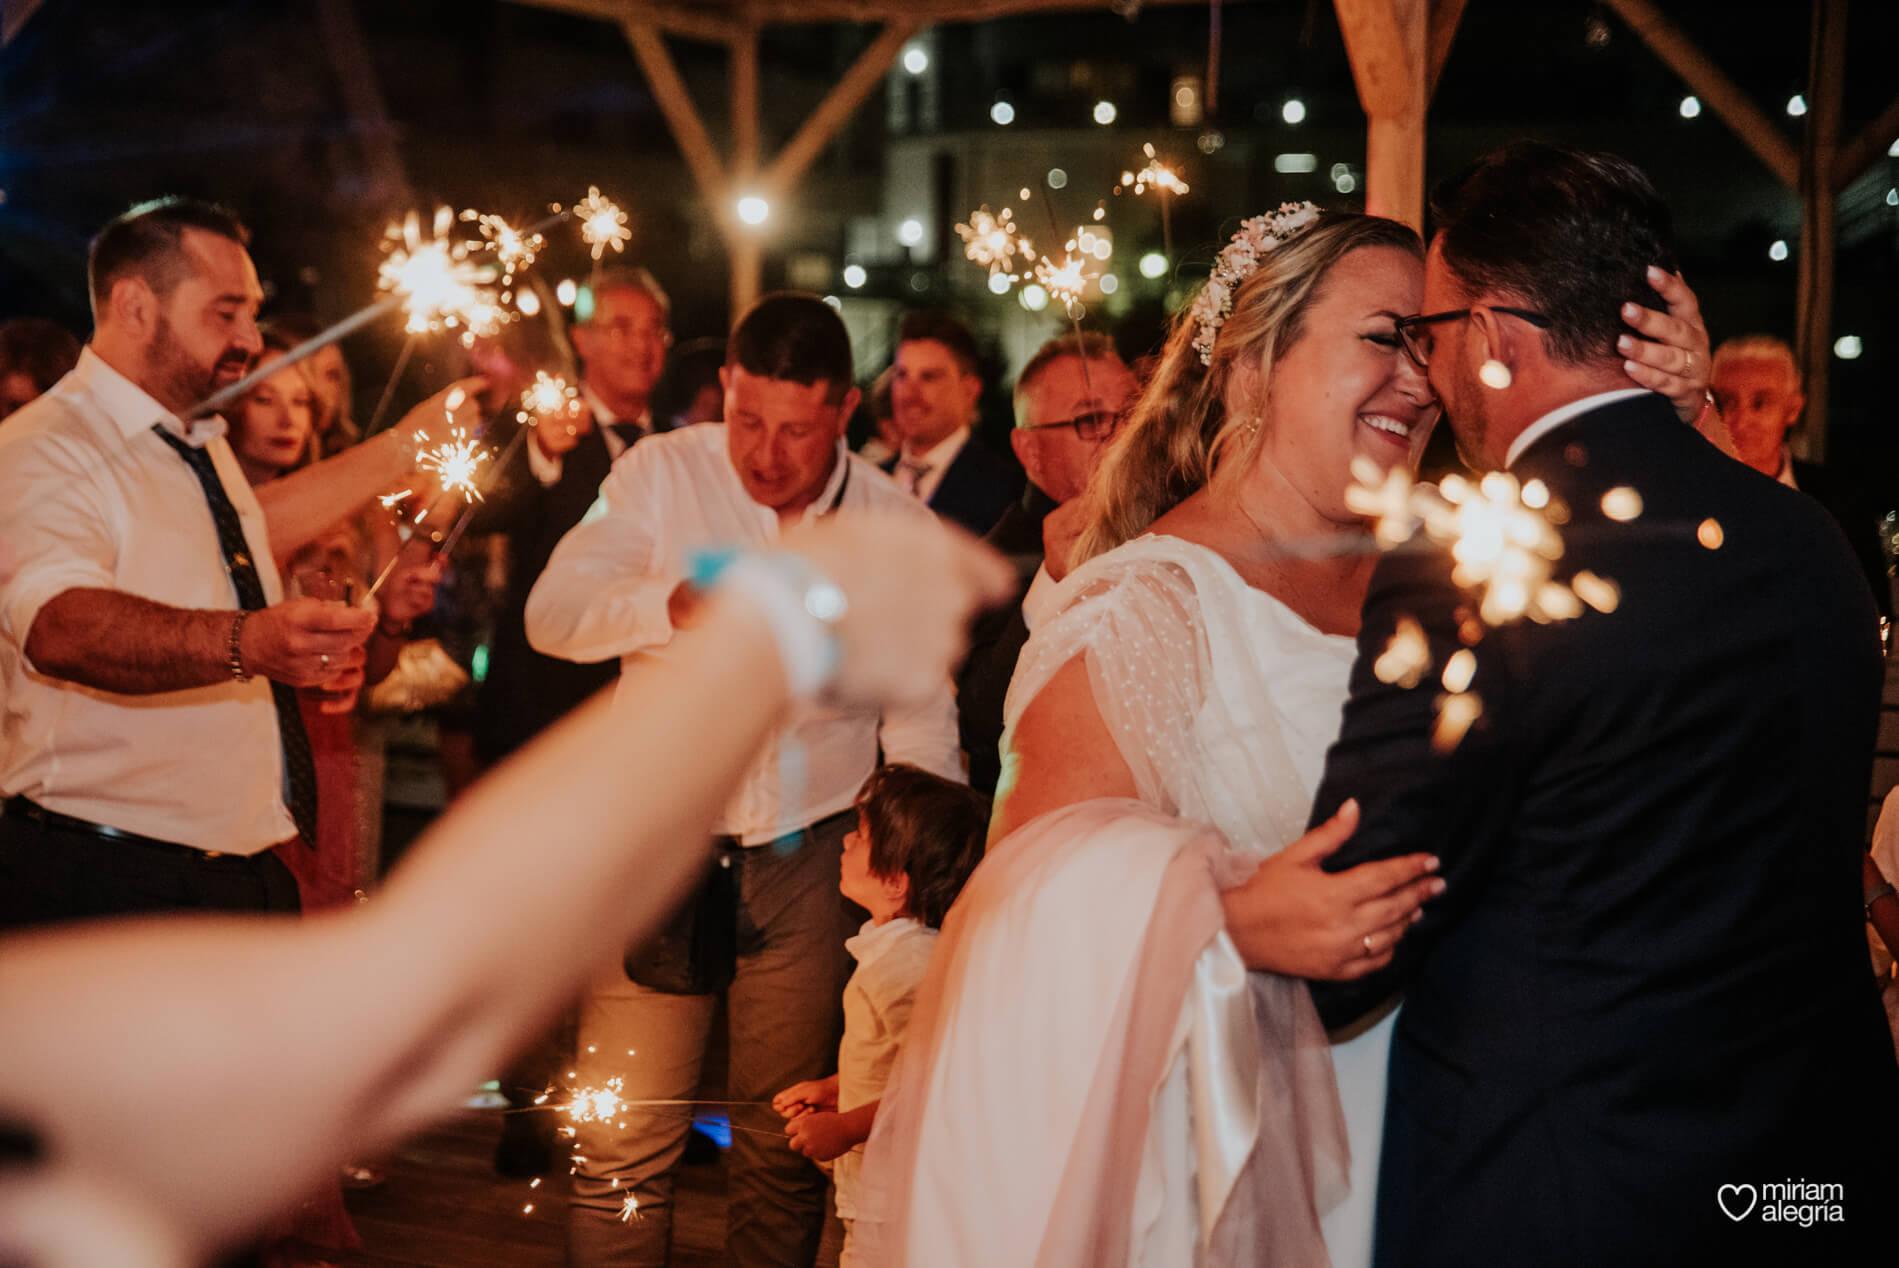 boda-en-macondo-vicyarmando-102